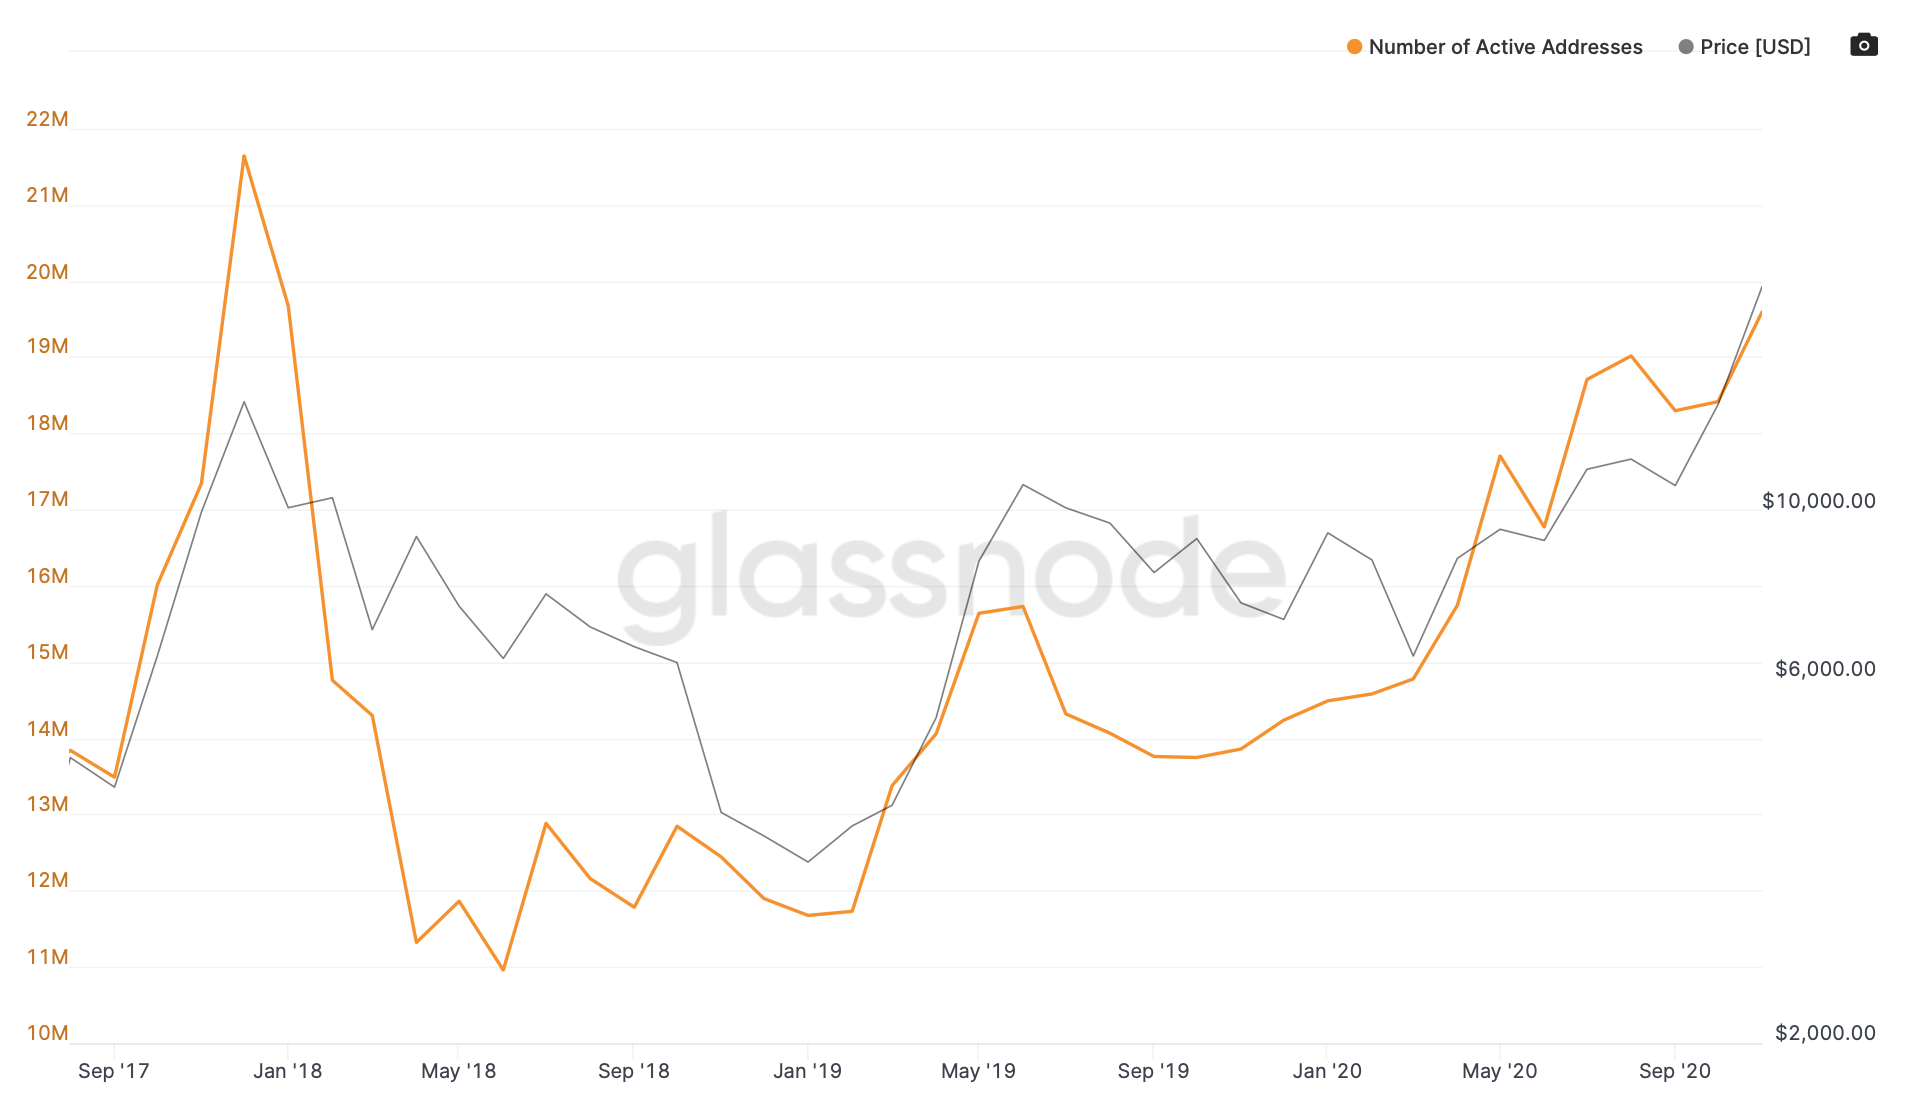 Các địa chỉ Bitcoin đang hoạt động đang gần đạt đến đỉnh cao mới.